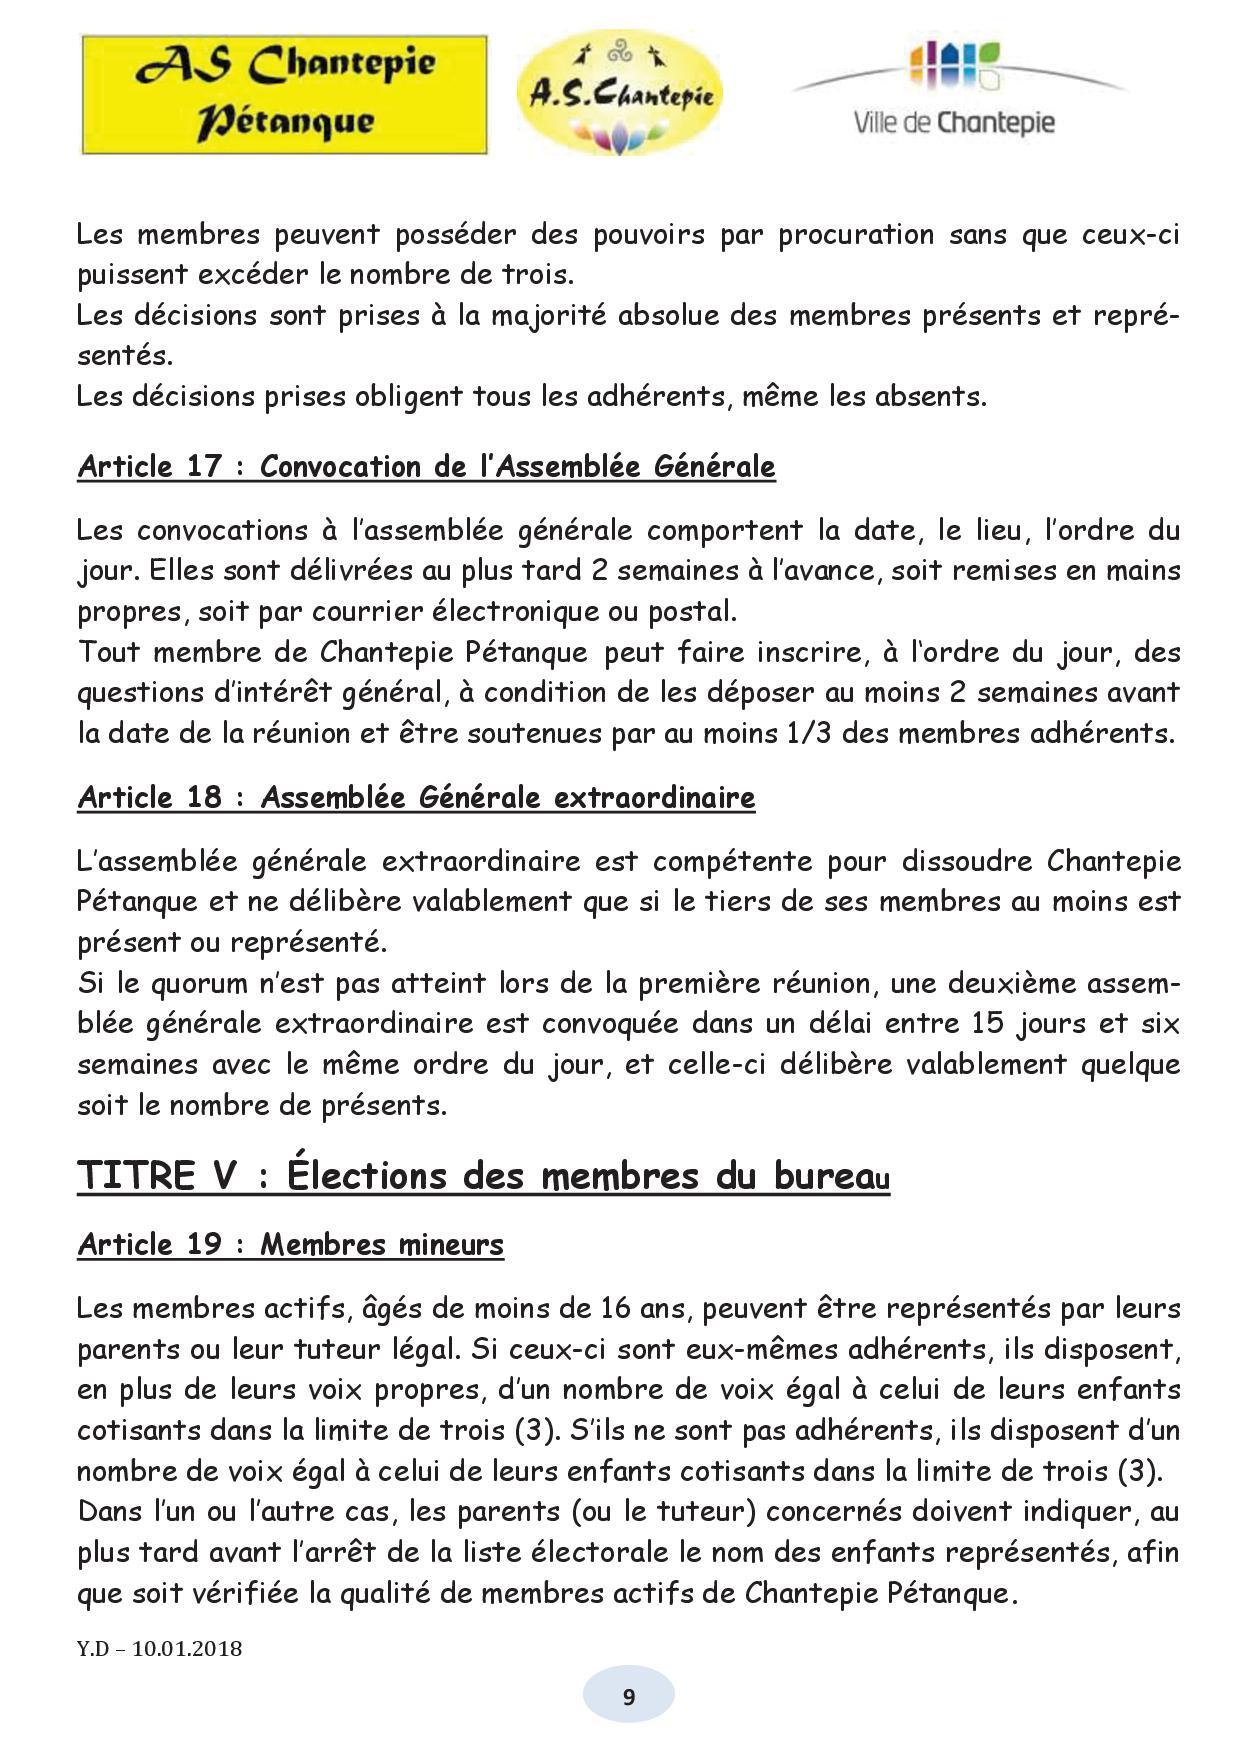 REGLEMENT CHANTEPIE PÉTANQUE  V10.01.2018 ( modif réunion 10.01.18)09.jpg